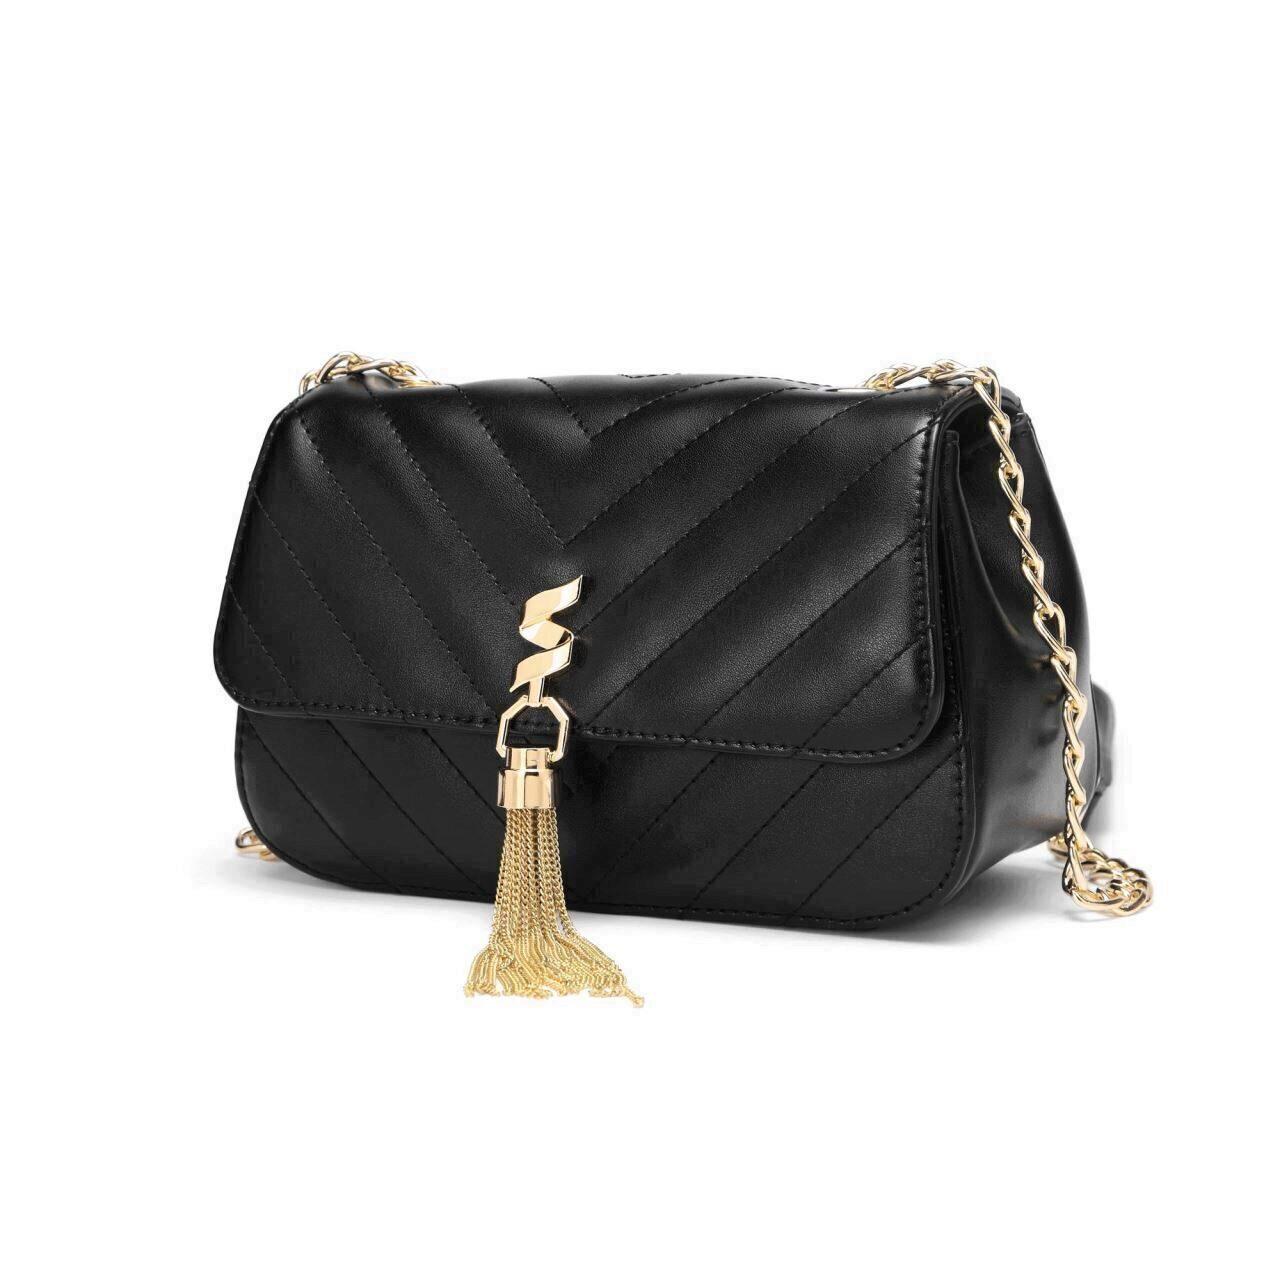 5ffa23df5b787f C'iel Sibyl quilted leather mini crossbody bag - Ciel Bags